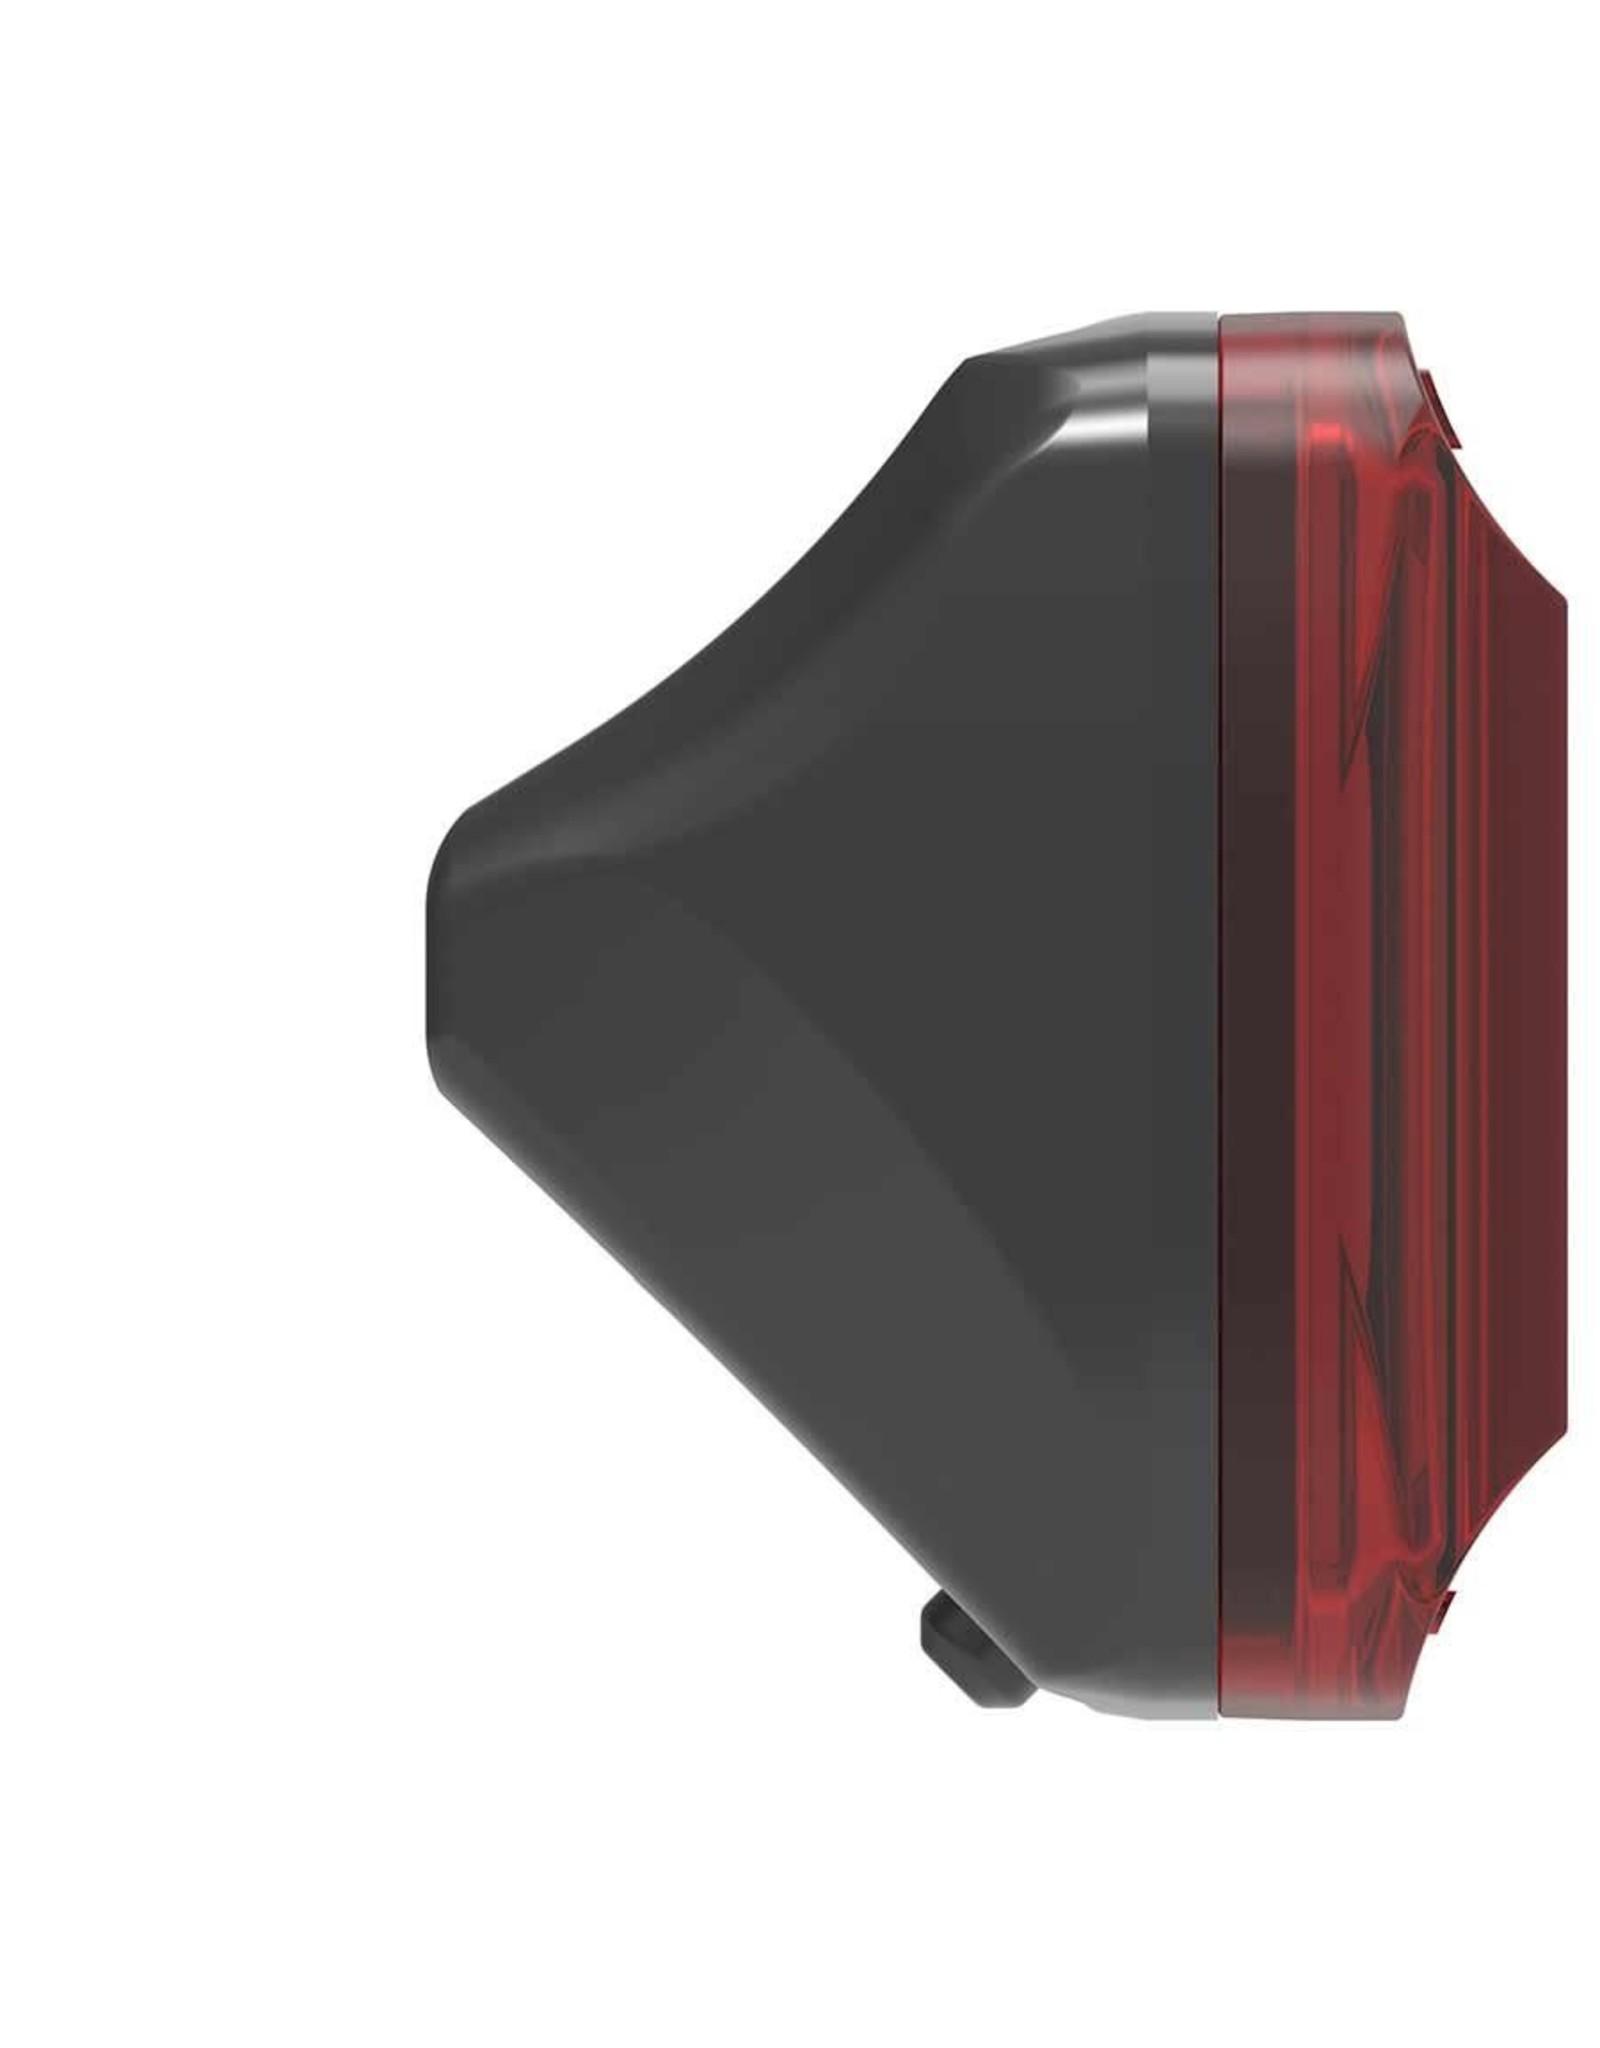 Lezyne, E-Bike Rear Fender light kit